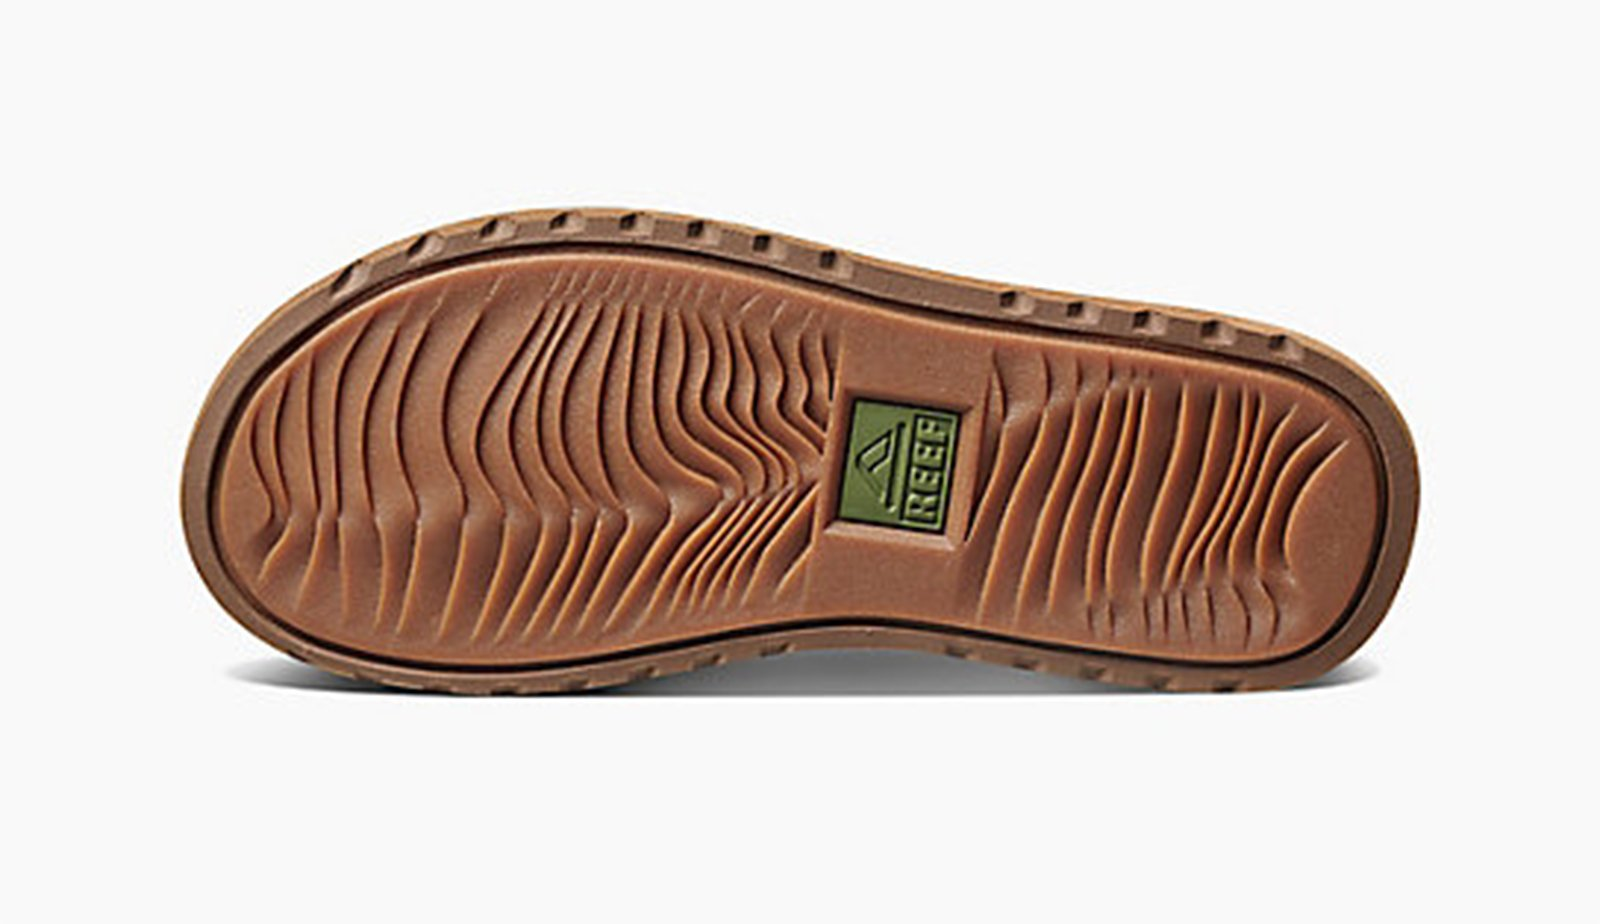 dddaefa0a4c2 ... Læder klipklappere til mænd med bred kakifarvet stofrem - REEF VOYAGE  TX BROWN OLIVE ...